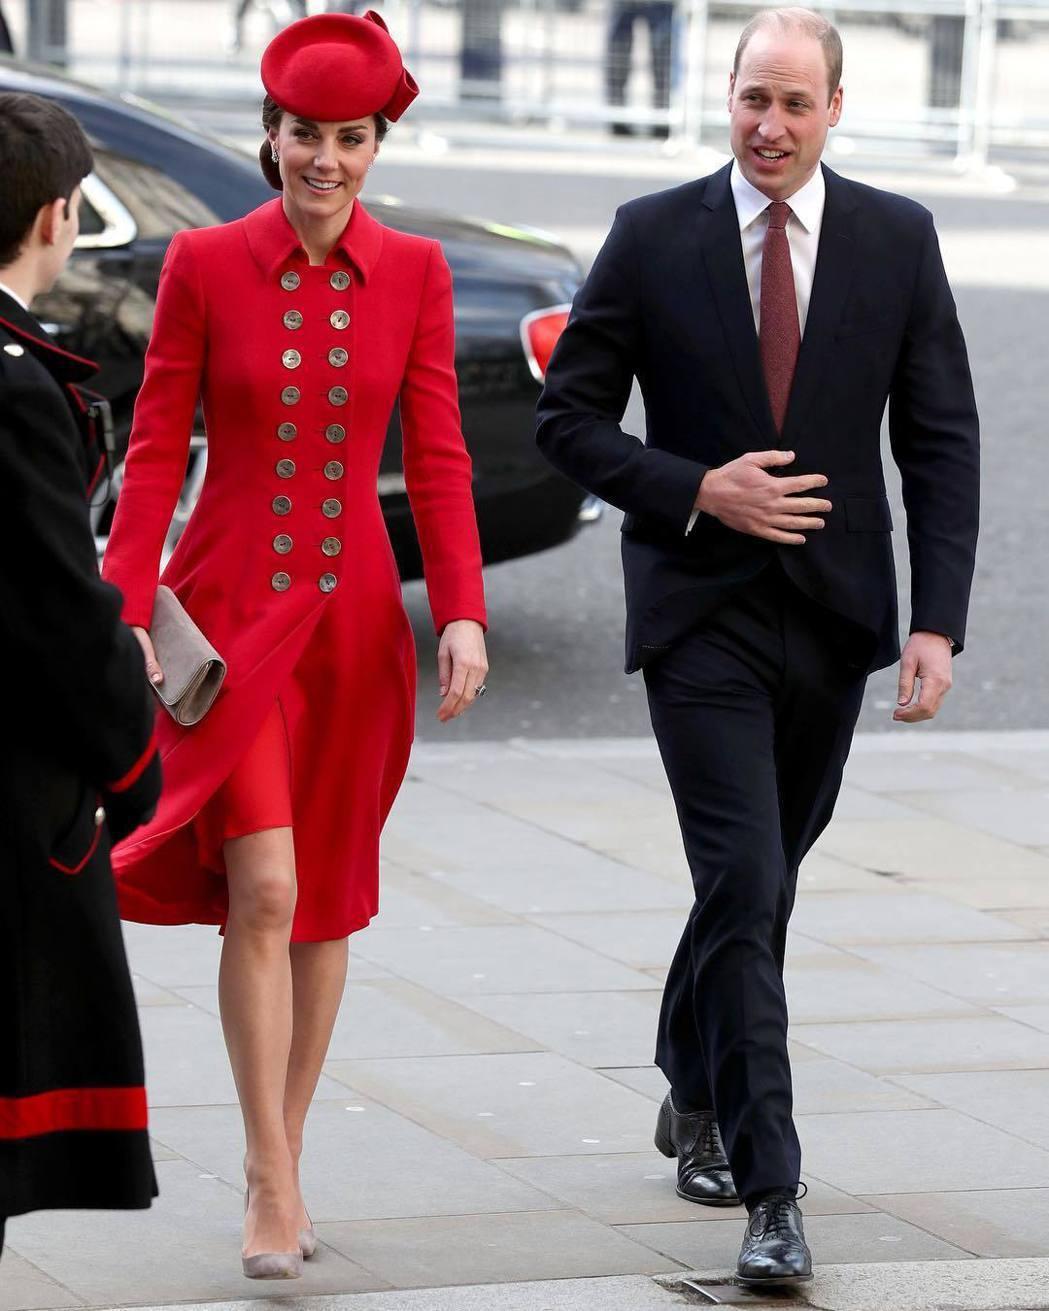 凱特與威廉原本受到媒體的關愛眼神一下子被弟弟與弟媳分去不少,粉絲也感到不滿。圖/